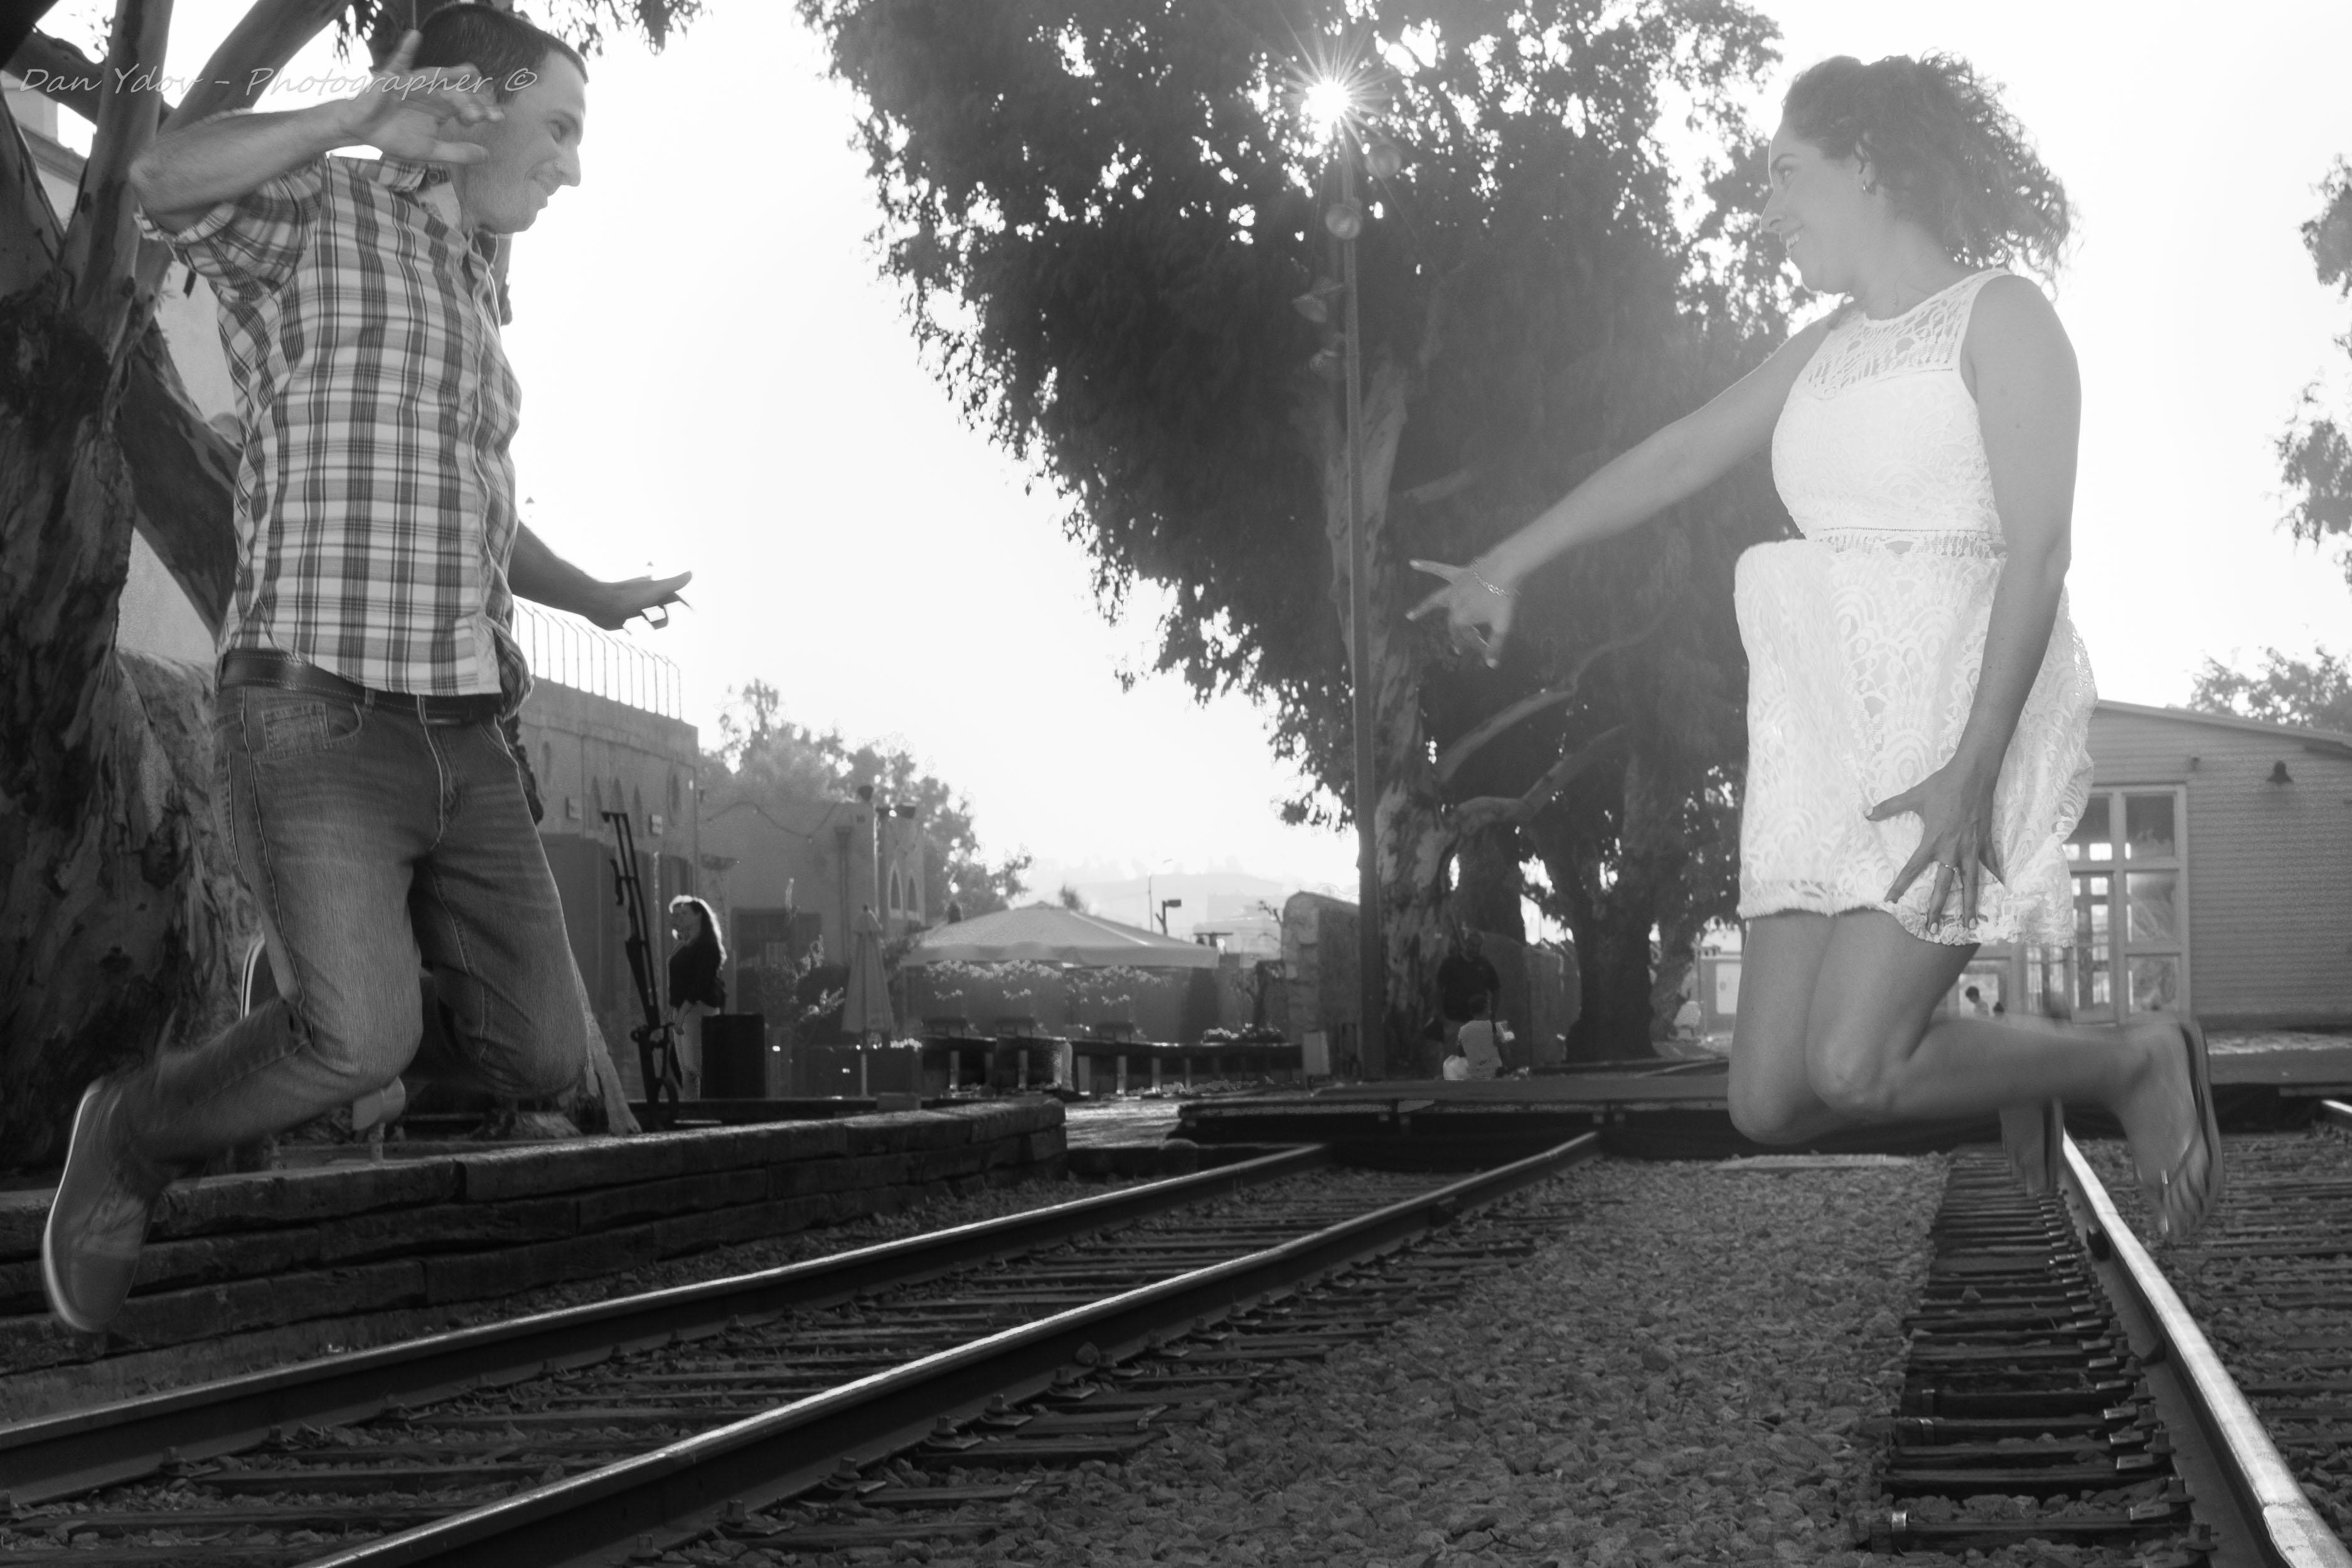 צילומי זוגיות, אהבה ברכבת, עדי ורועי